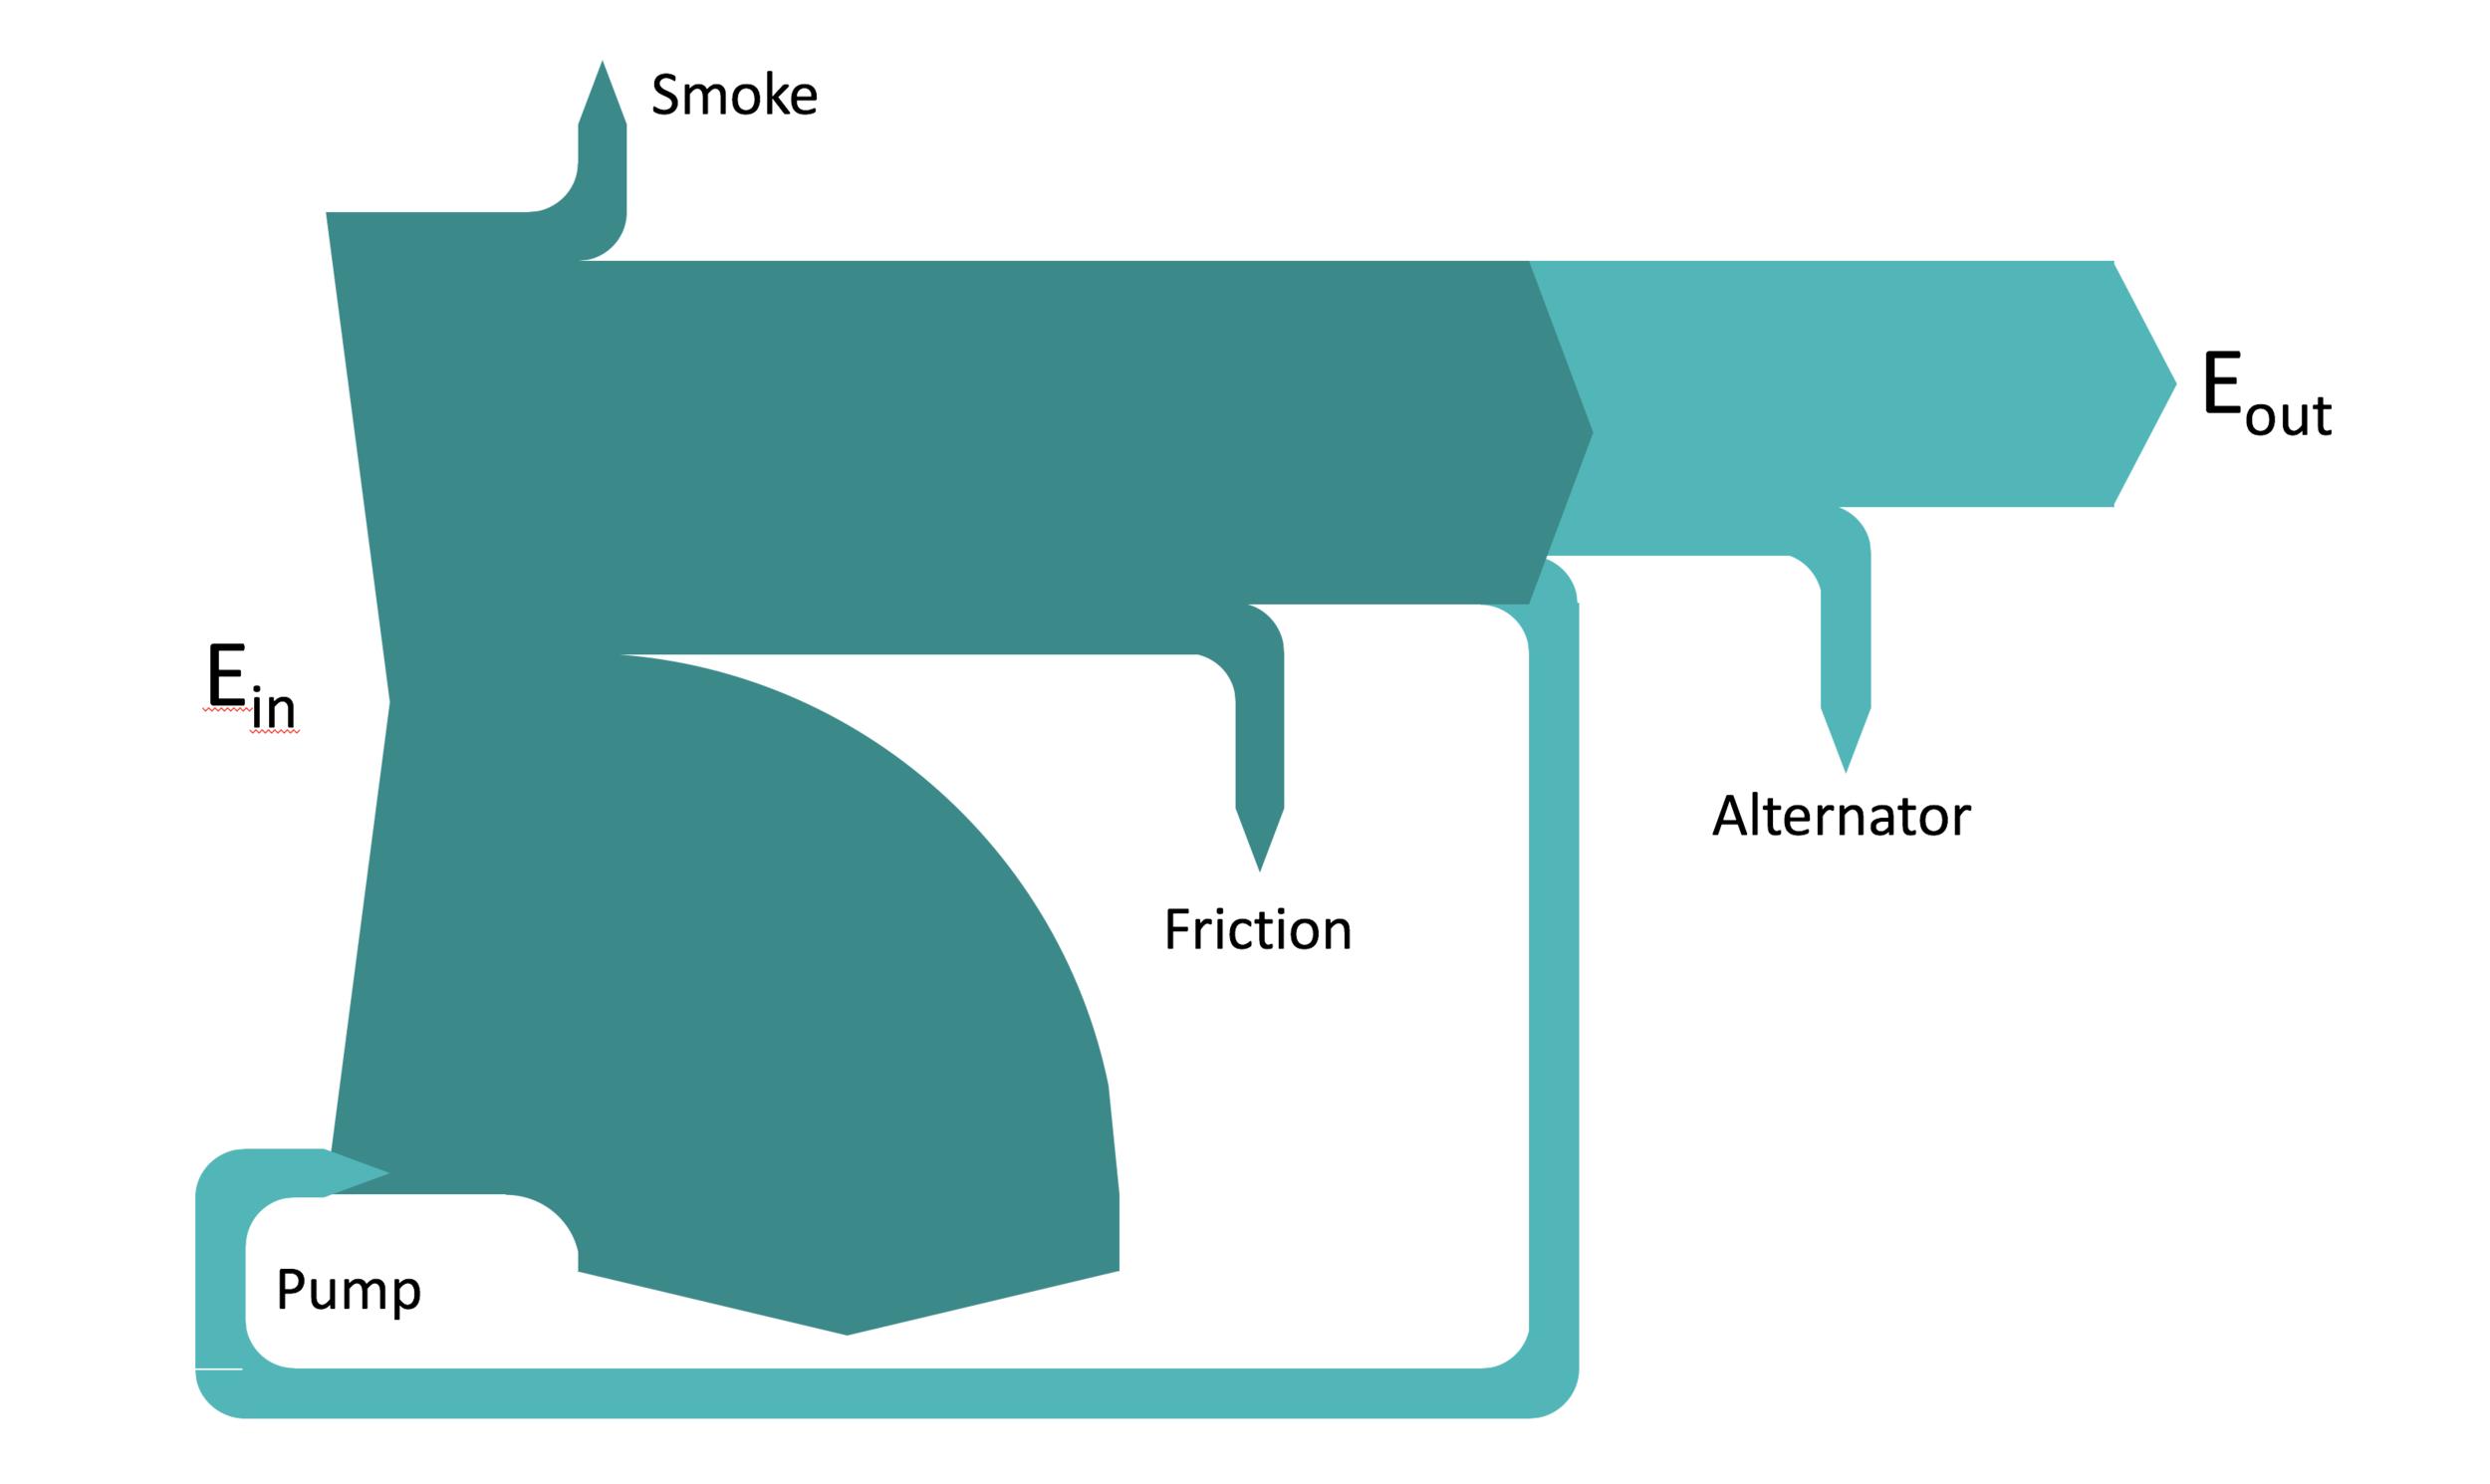 sankey diagrams in powerpoint